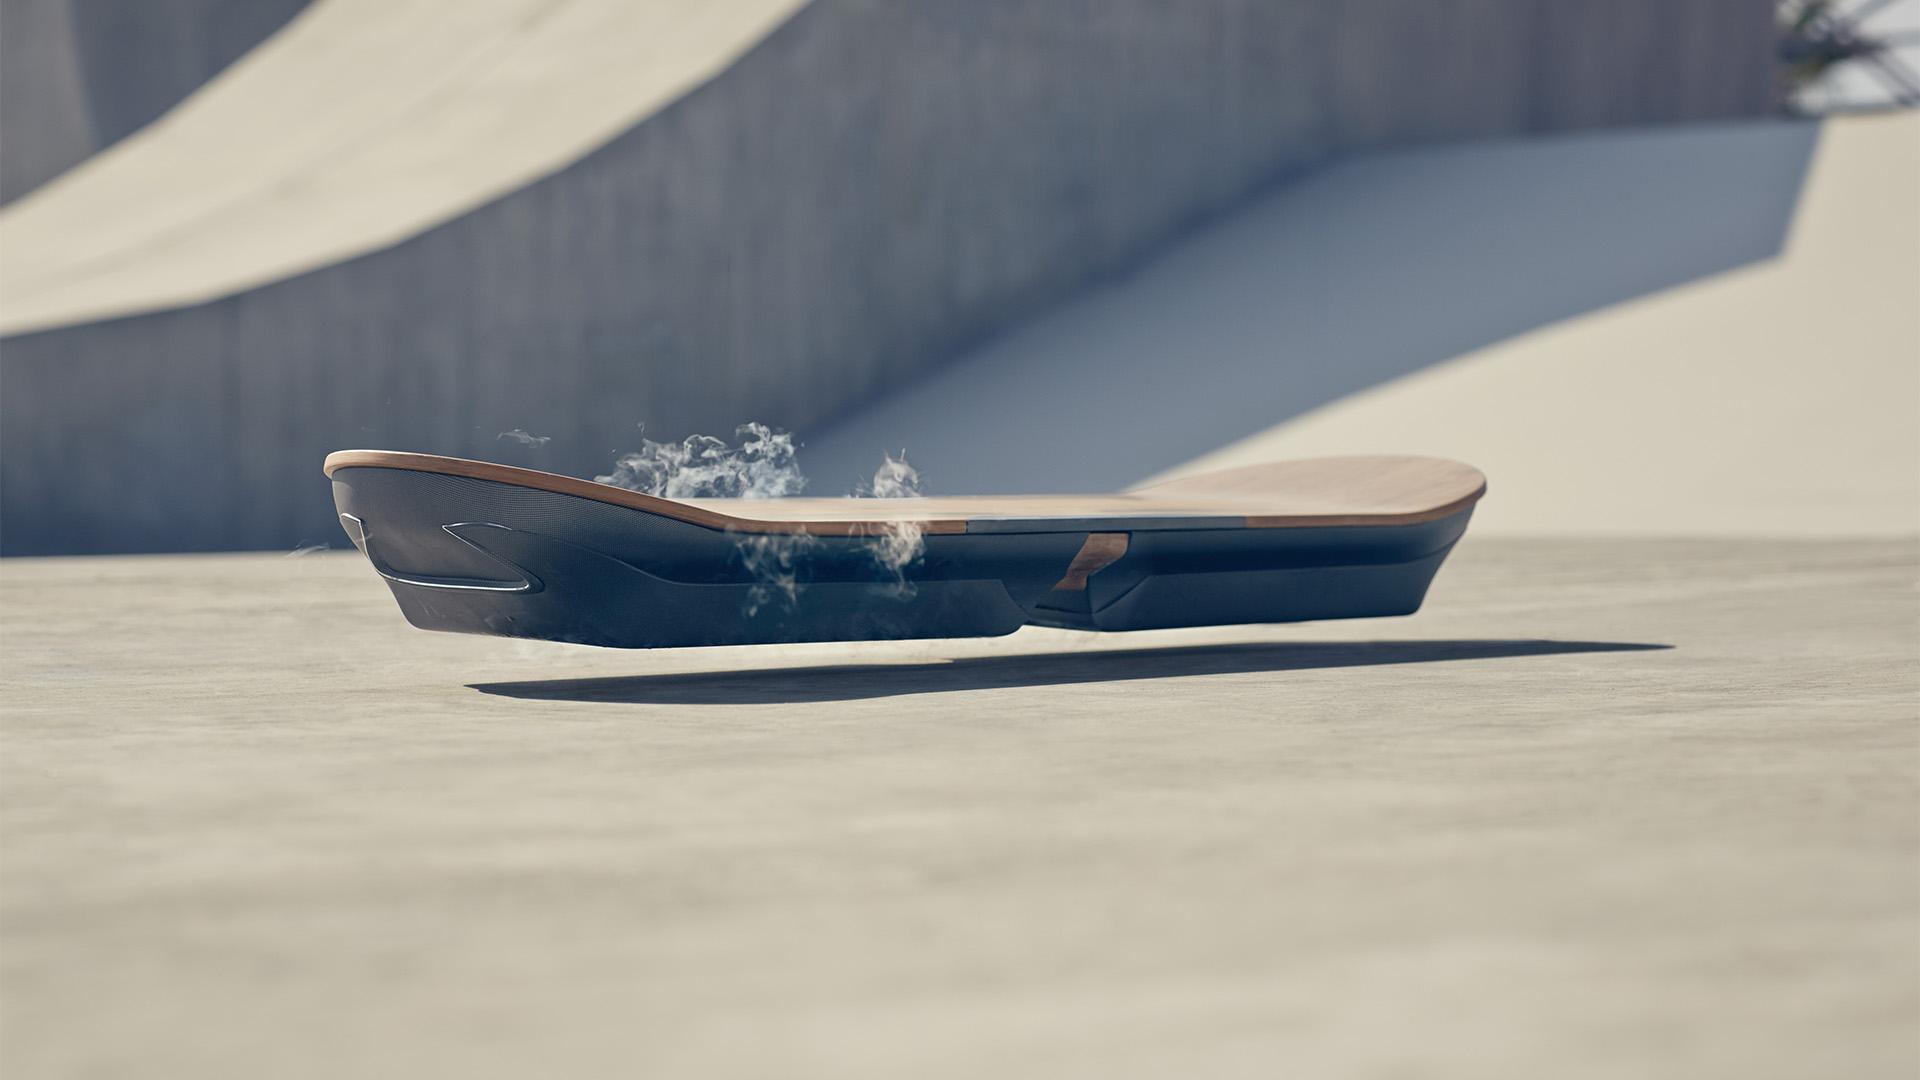 12 2019 021 Waarom Lexus meer dan een autofabrikant is 1920x1080 galerij